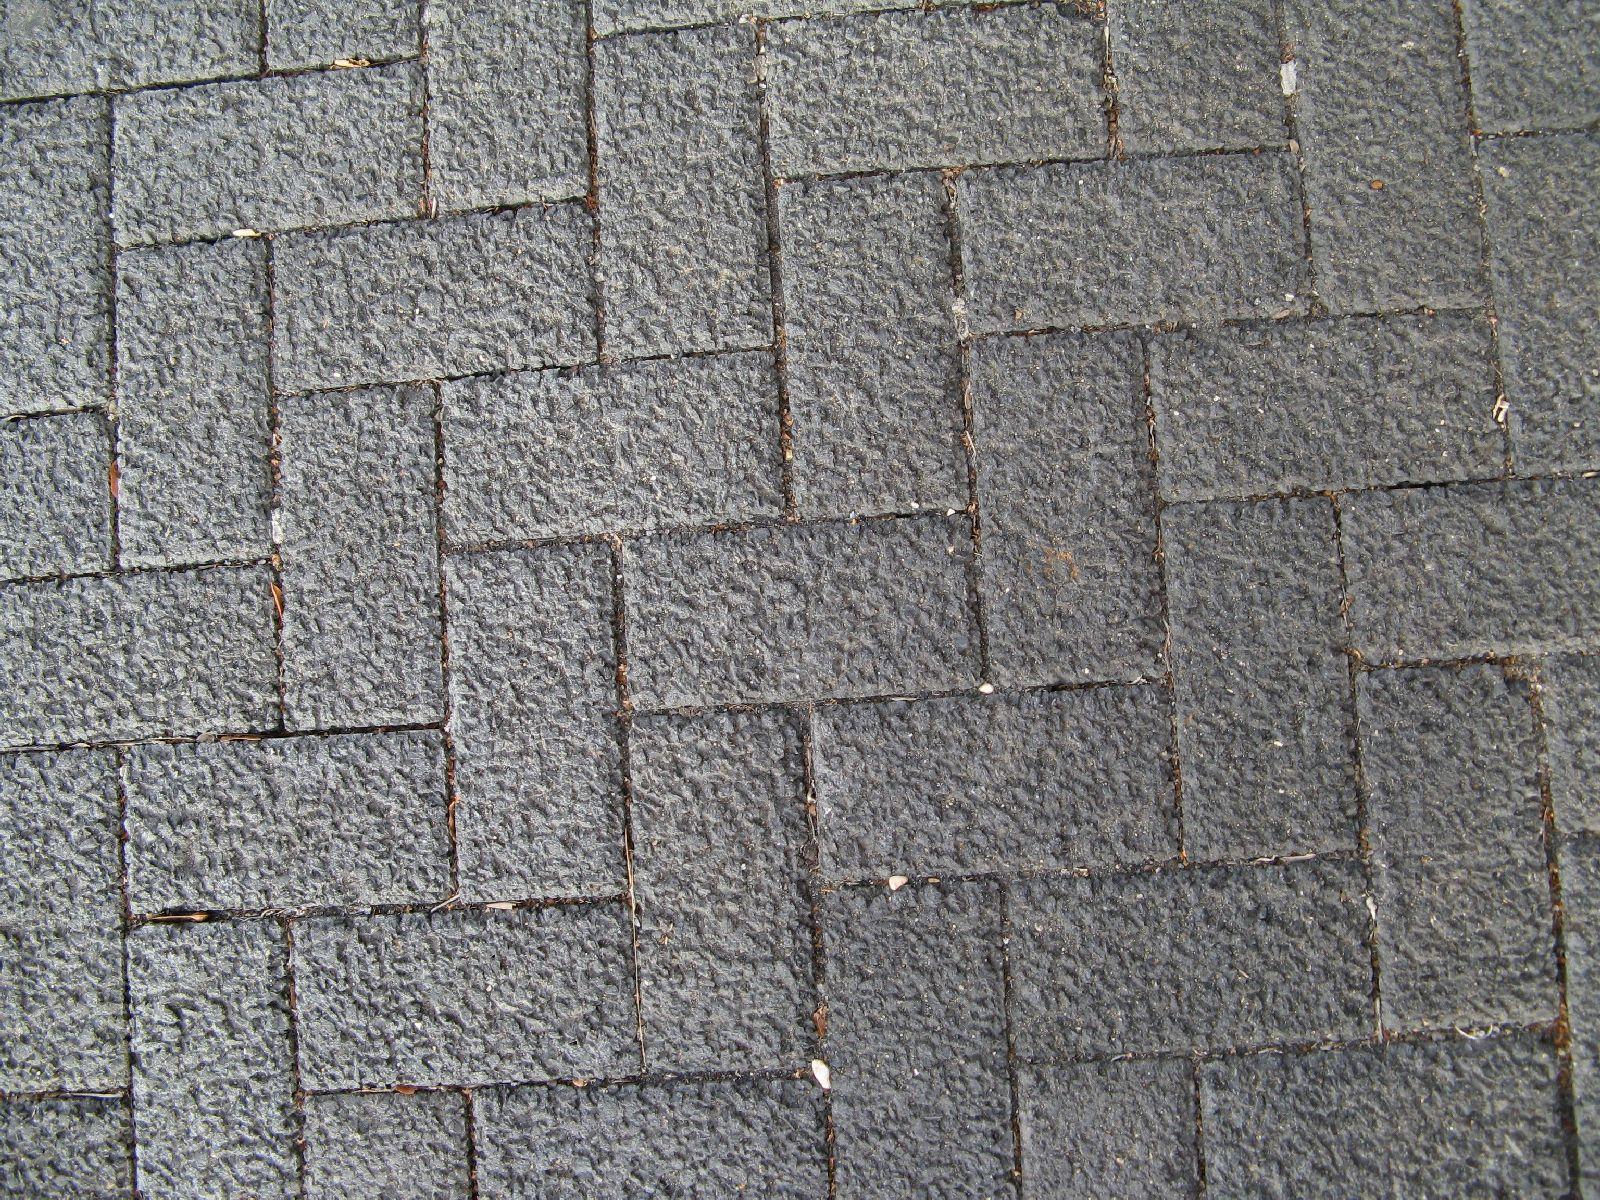 Boden-Gehweg-Strasse-Buergersteig-Textur_B_0643